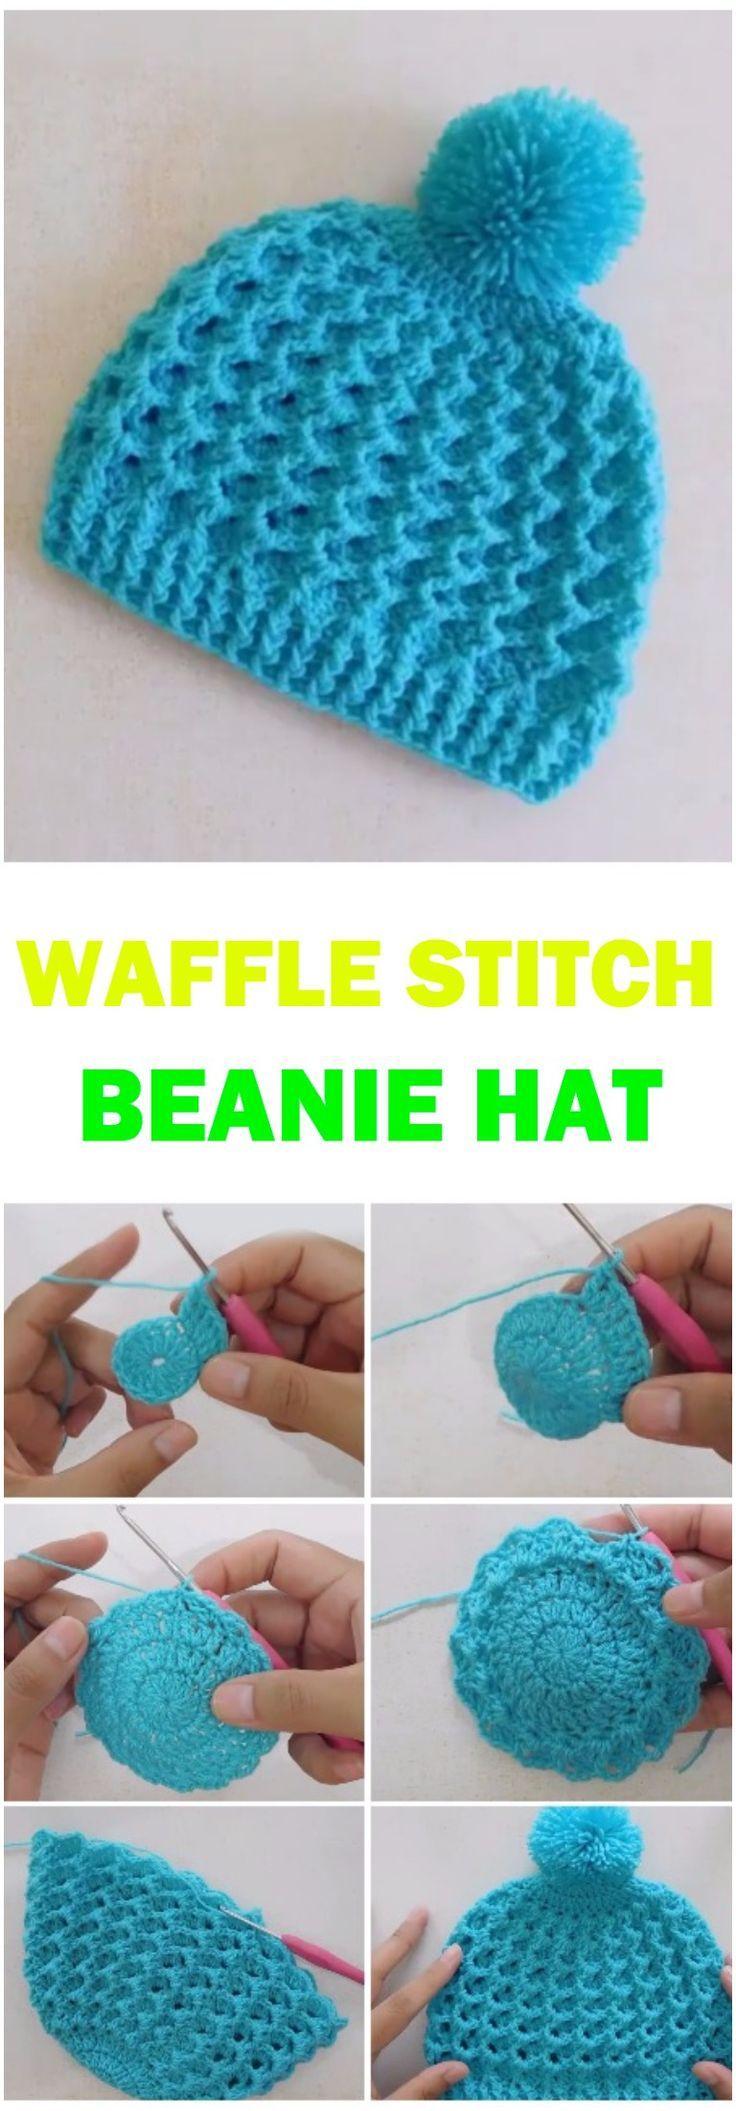 Waffle Stitch Beanie Hat Tutorial | Gorros, Tejido y Ganchillo